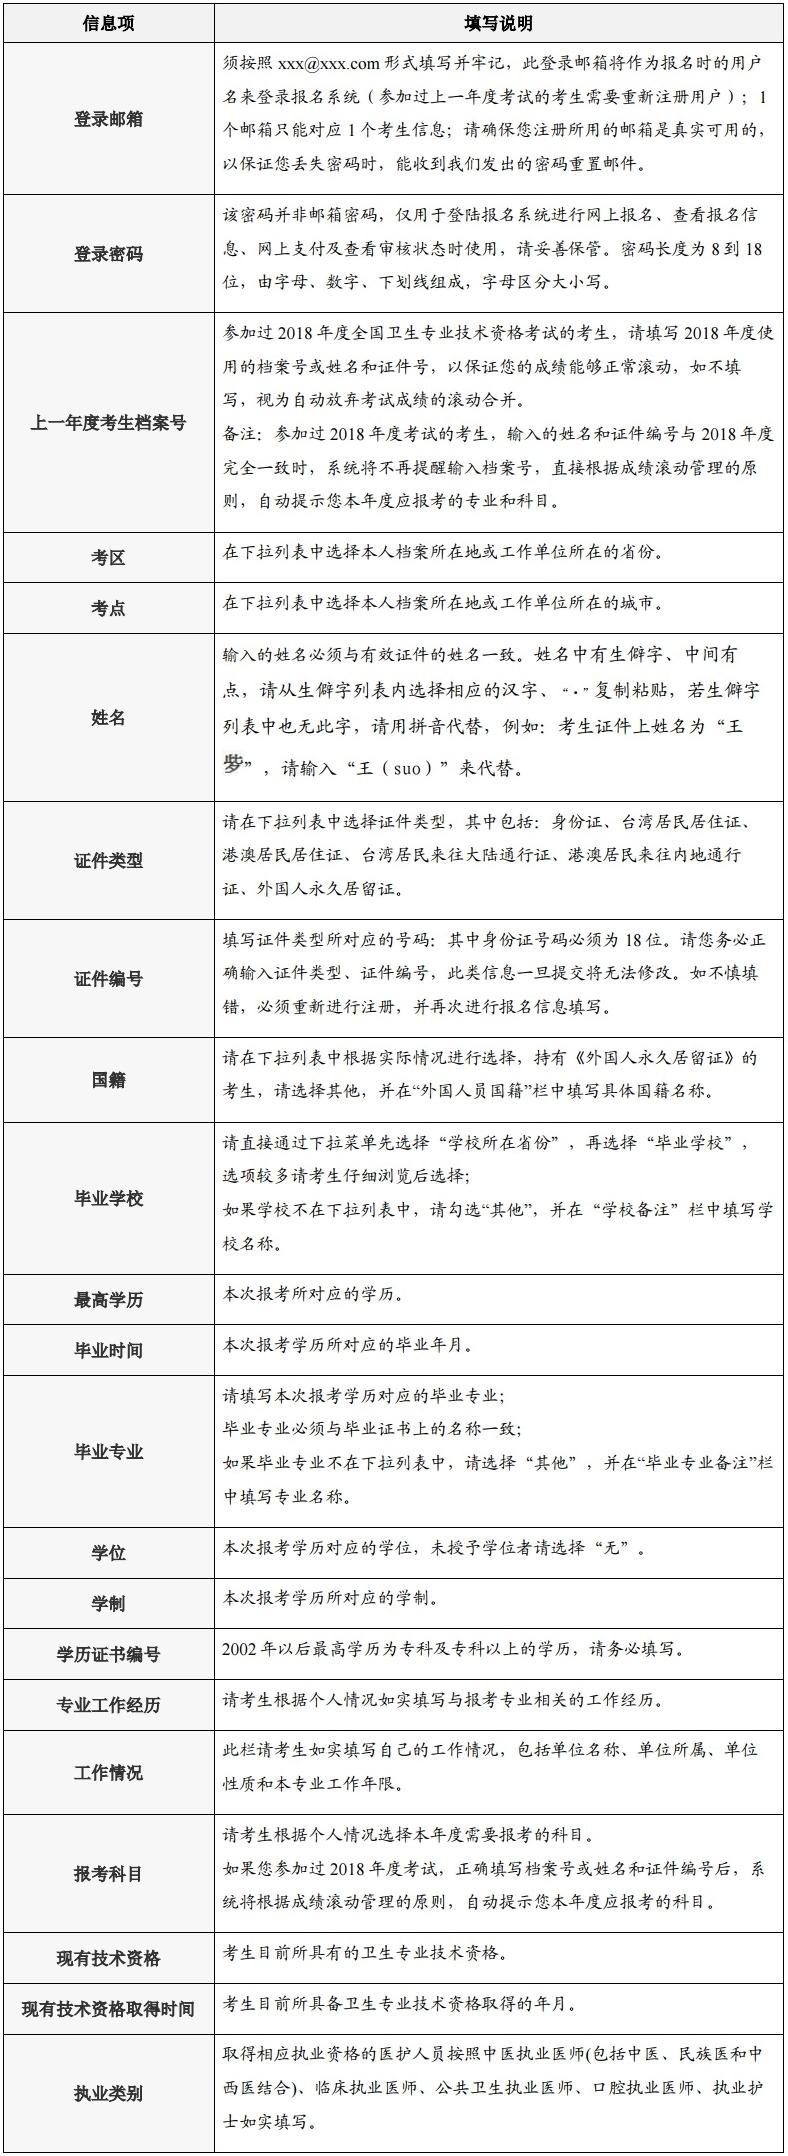 2019年初中级护师考试报名表填写说明